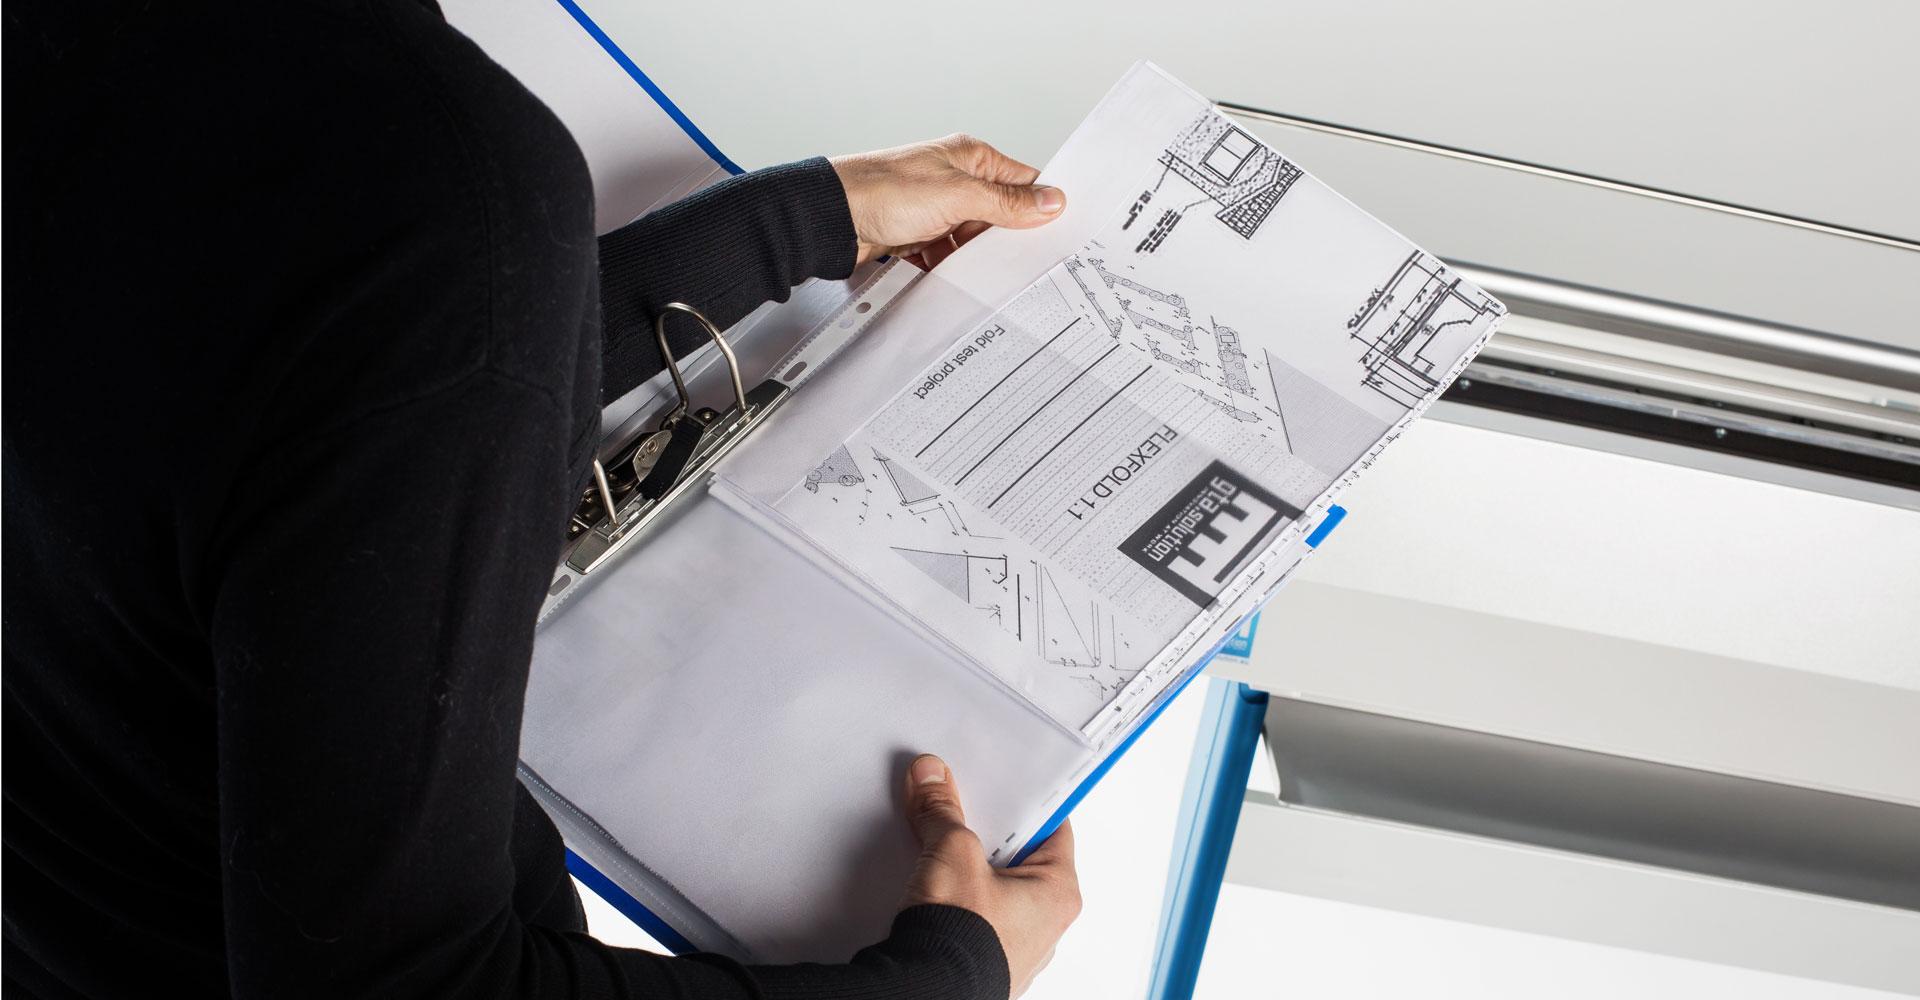 piegatrice, folding machine, piegare, piegafogli, ufficio, carta, plotter, disegni, Jesi, Ancona, Marche, ergonomia, A4, piega, fogli, patent, pending,